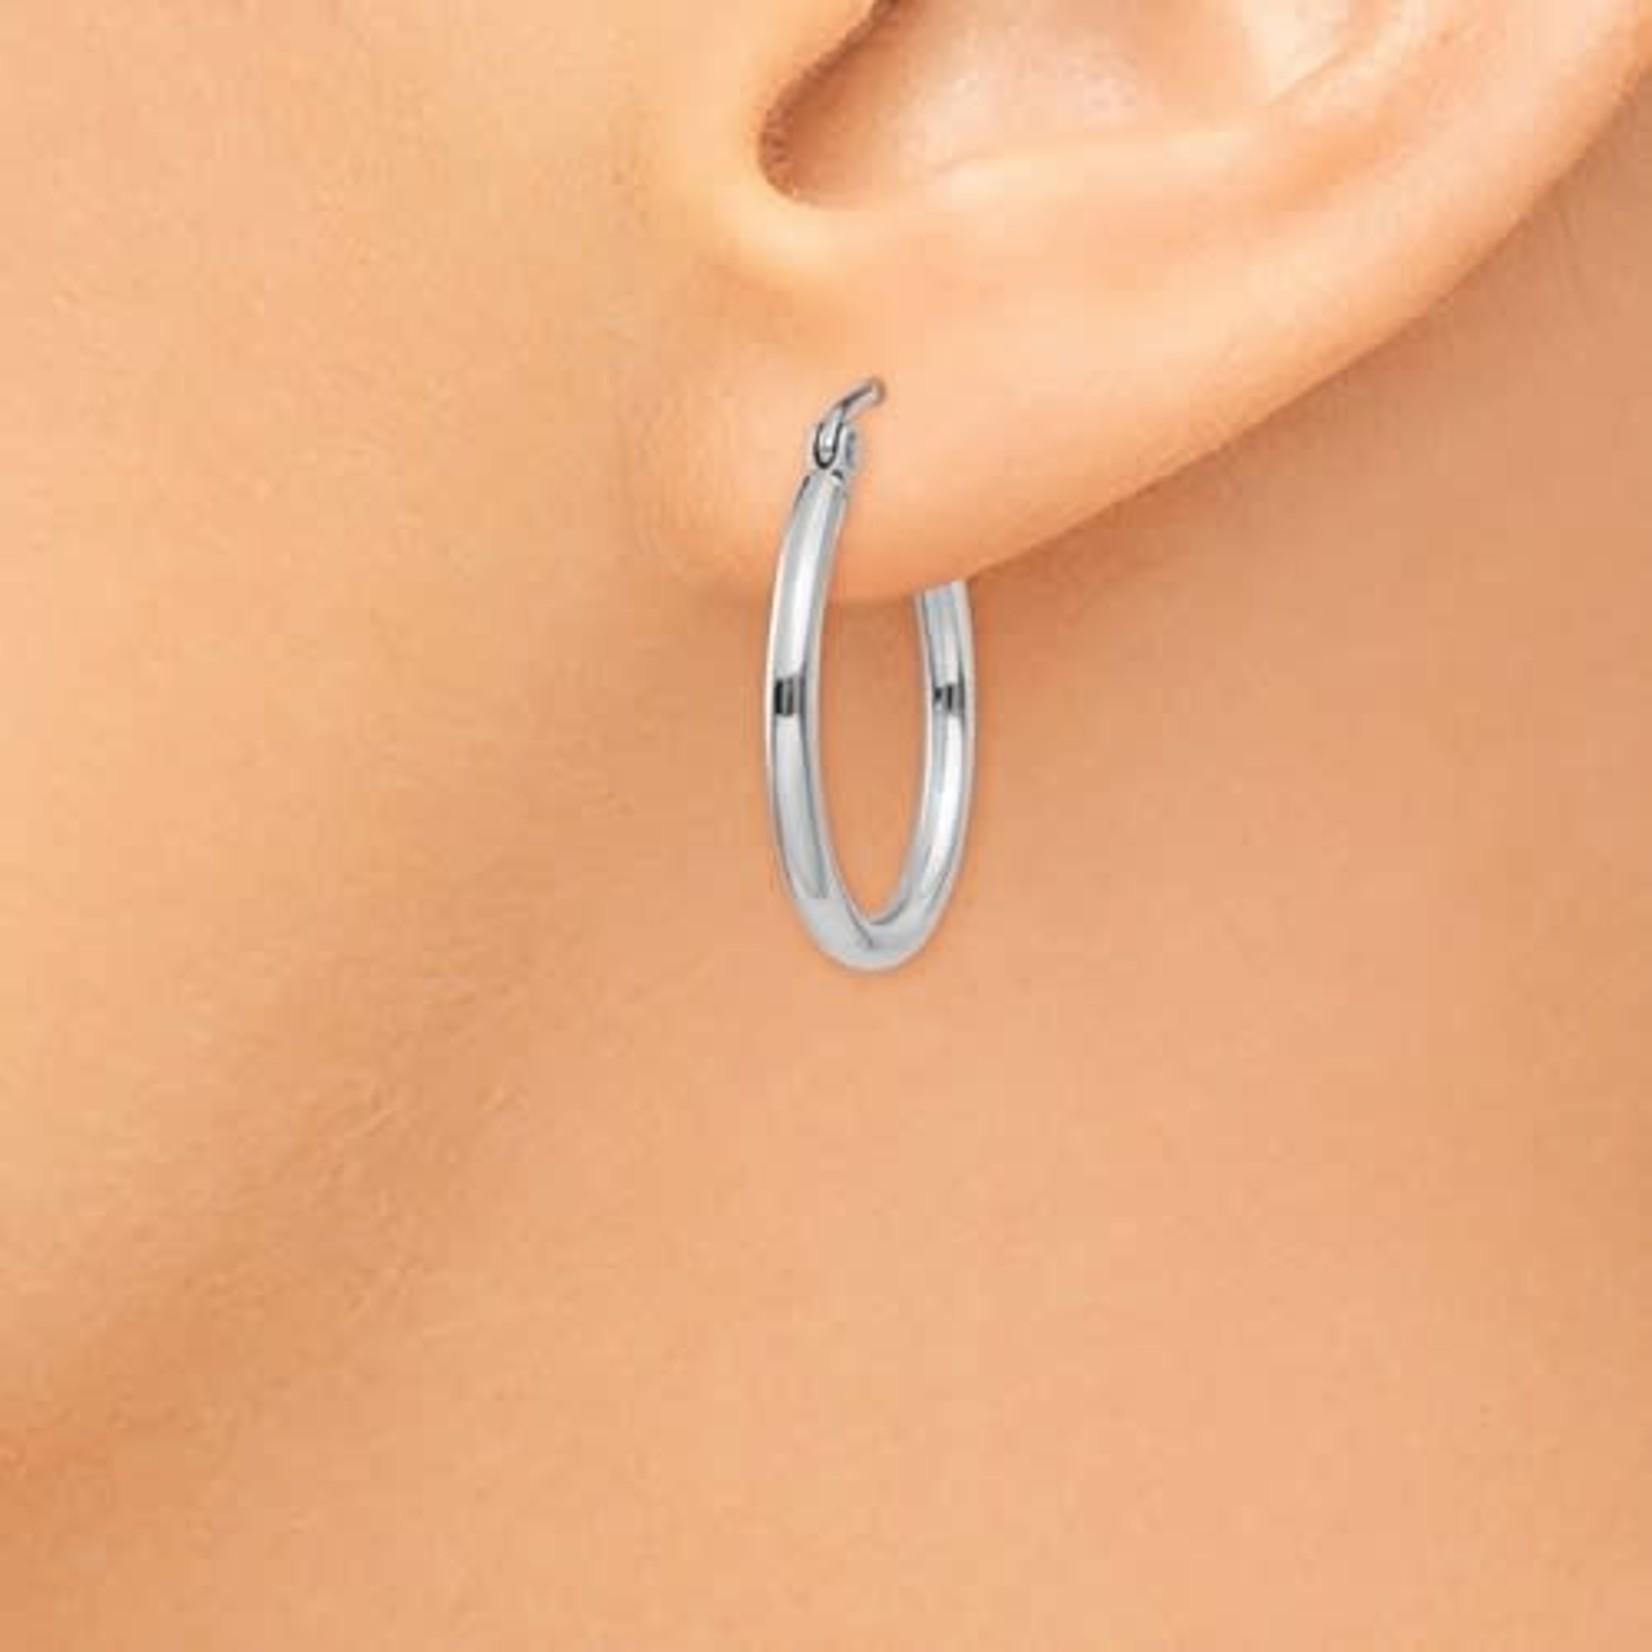 This Is Life Classic 2mm Hoop Earrings - 14ktw